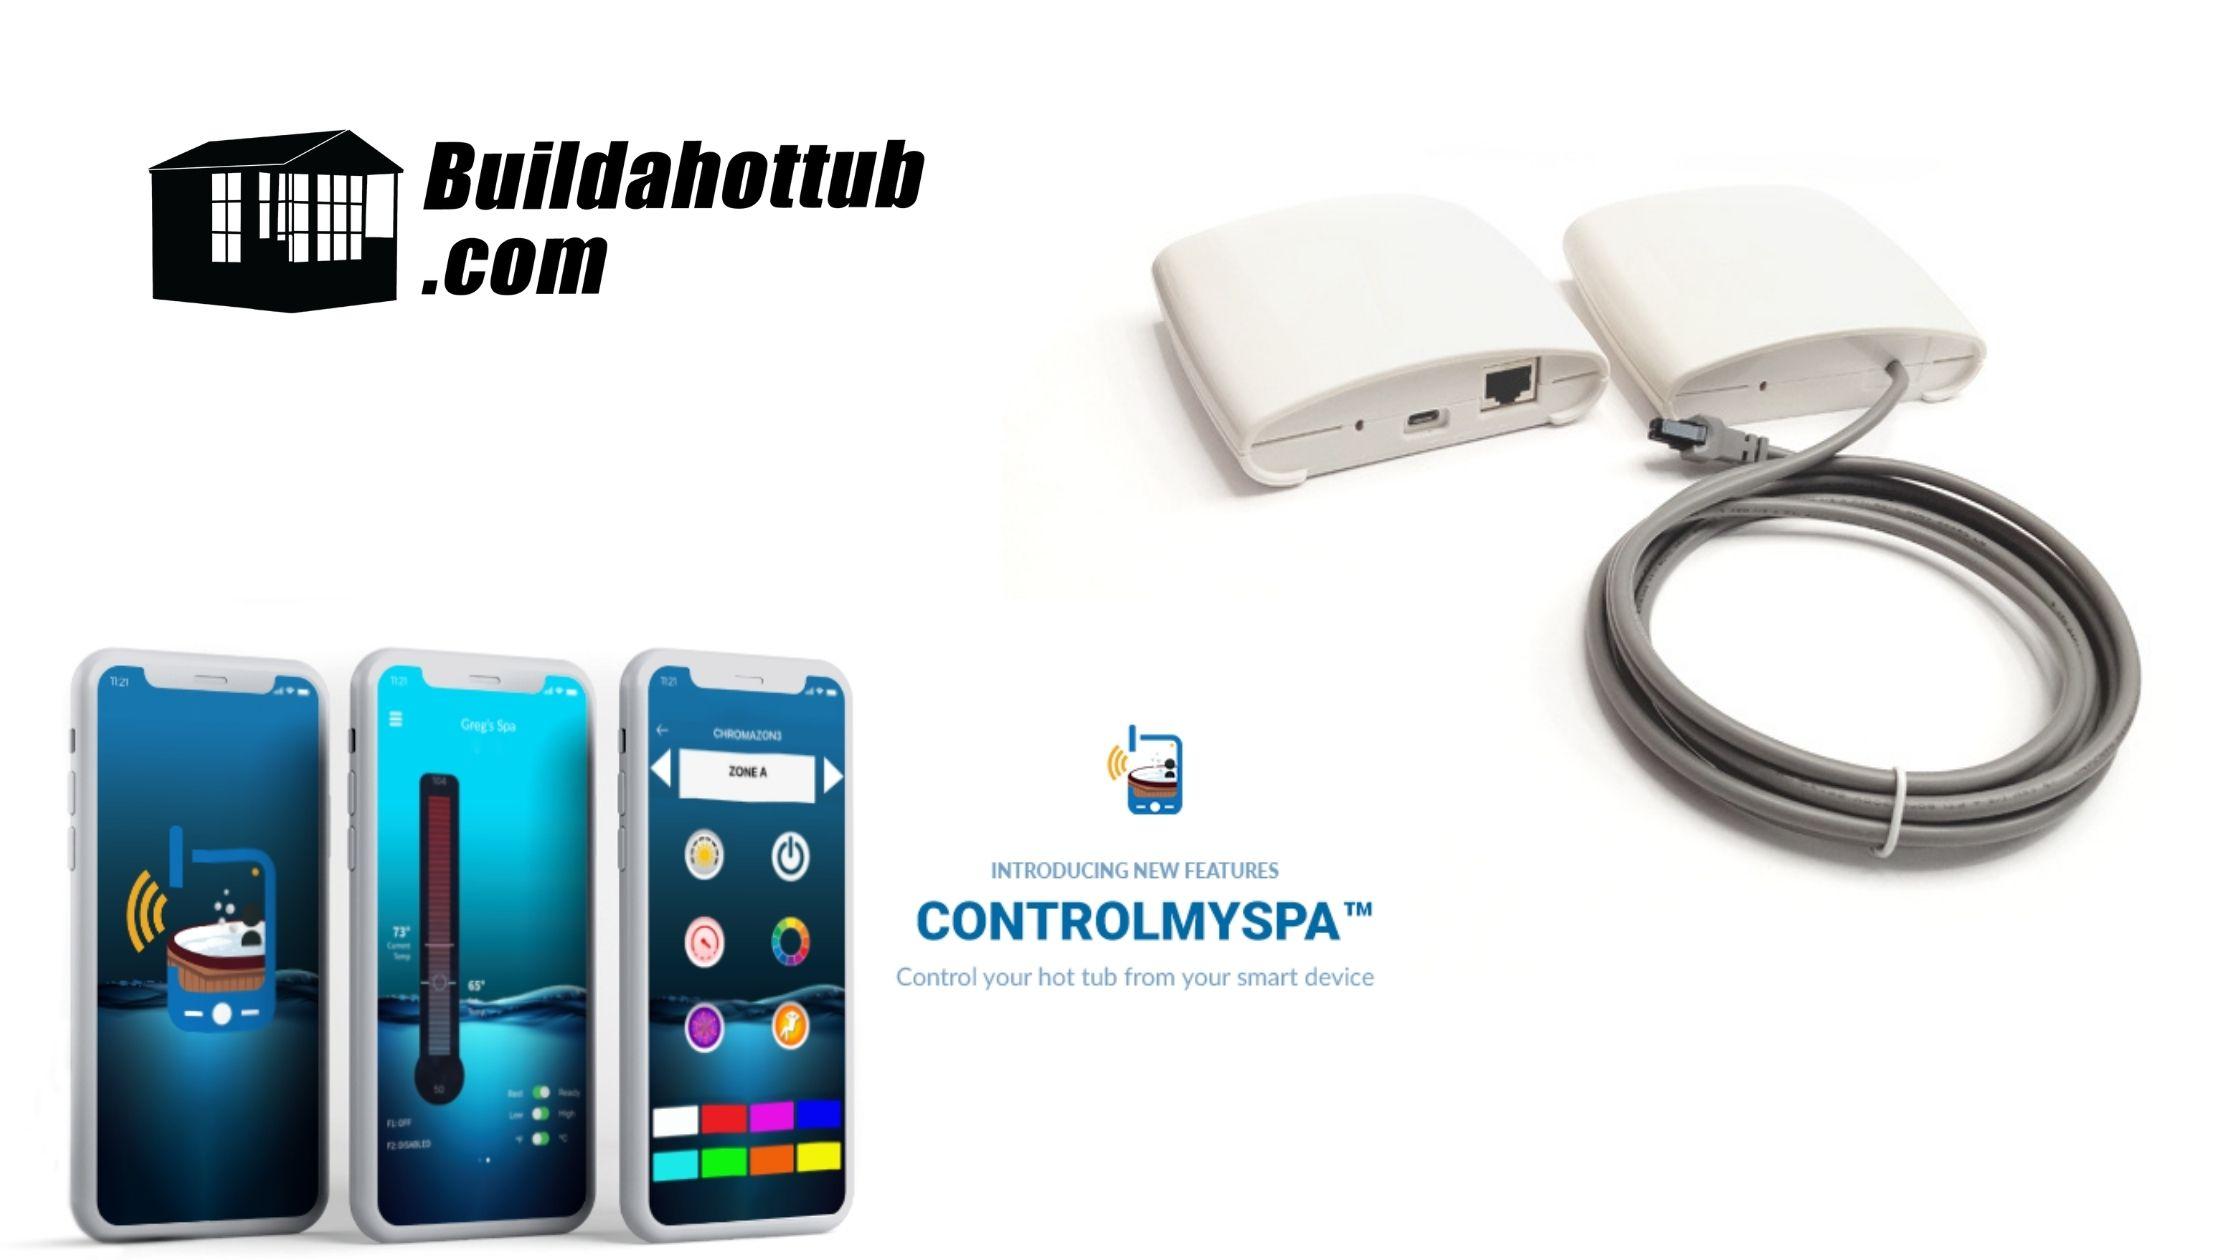 ControlMySpa